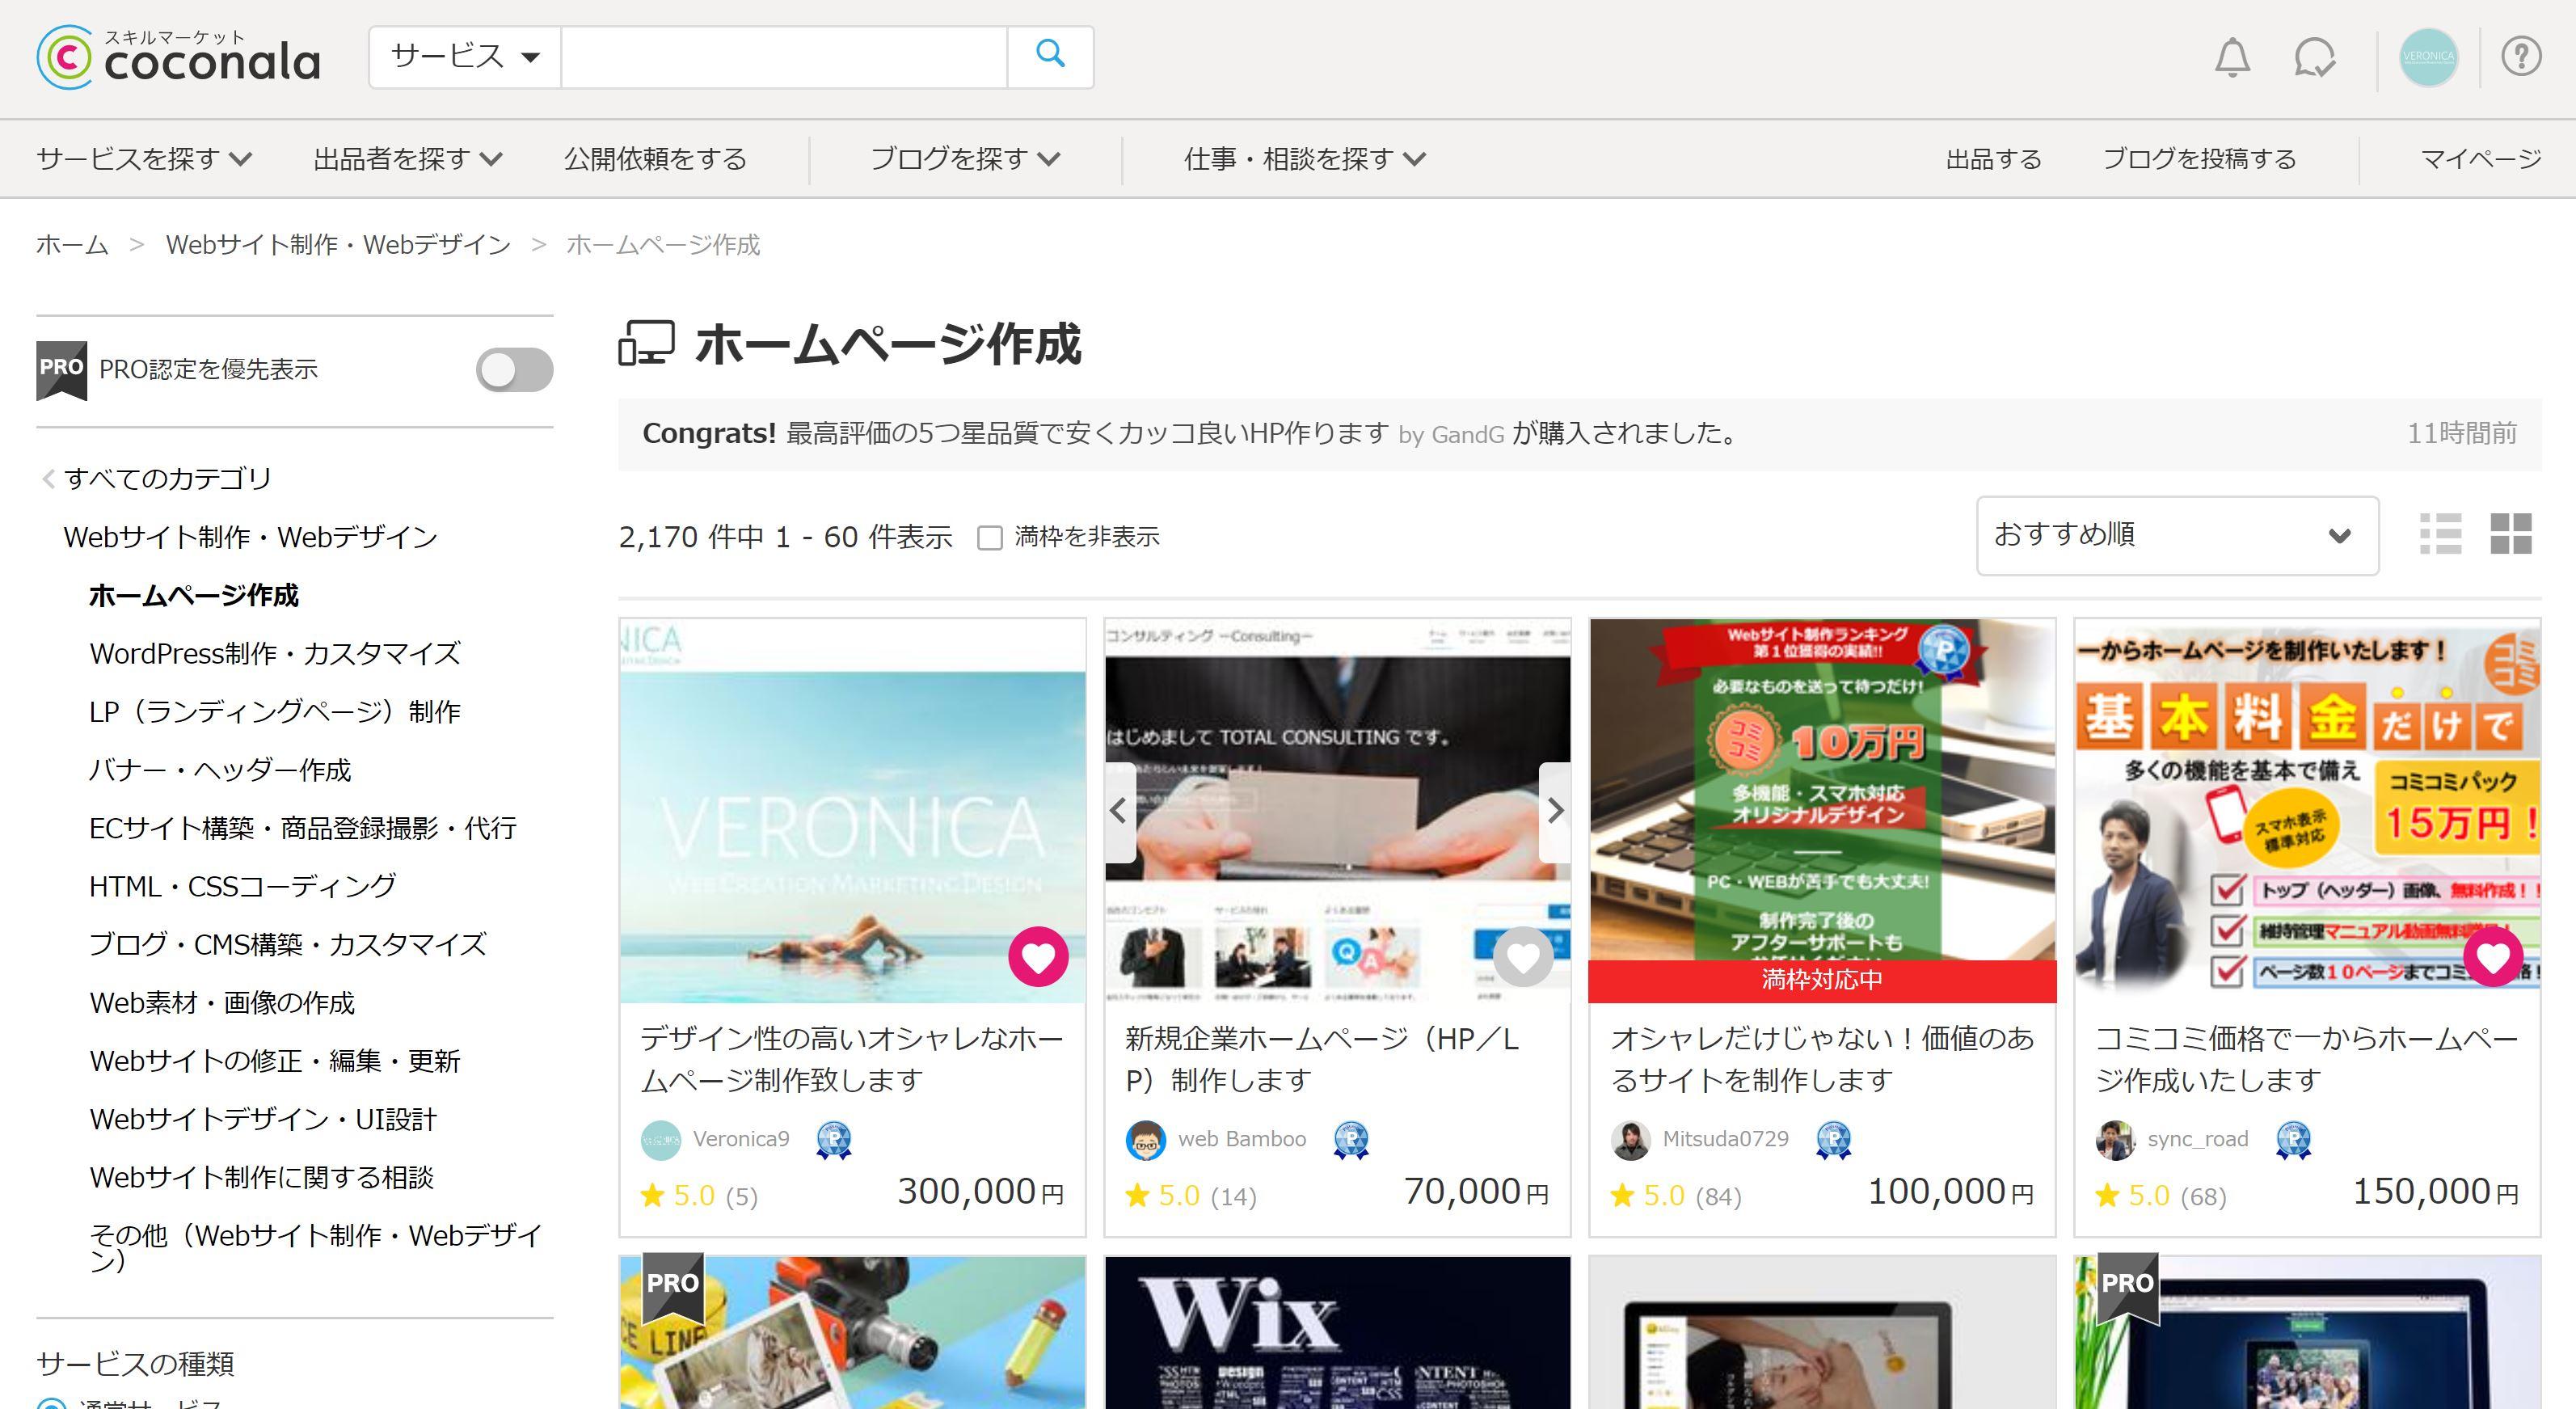 ココナラHPおすすめ200723.JPG